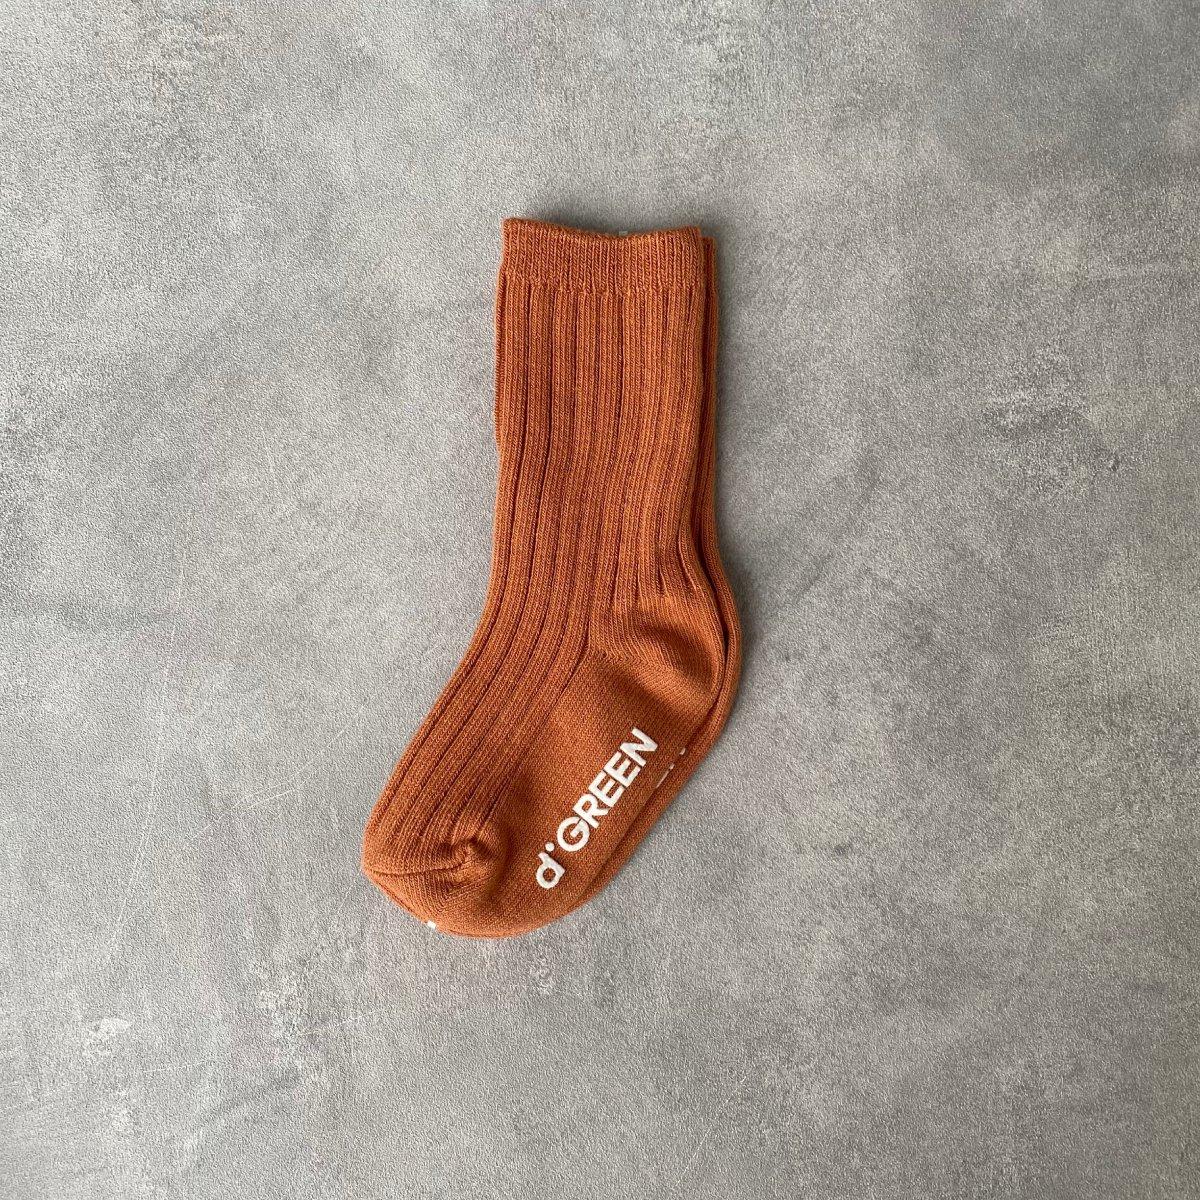 【KIDS】Pistachio Socks 詳細画像14